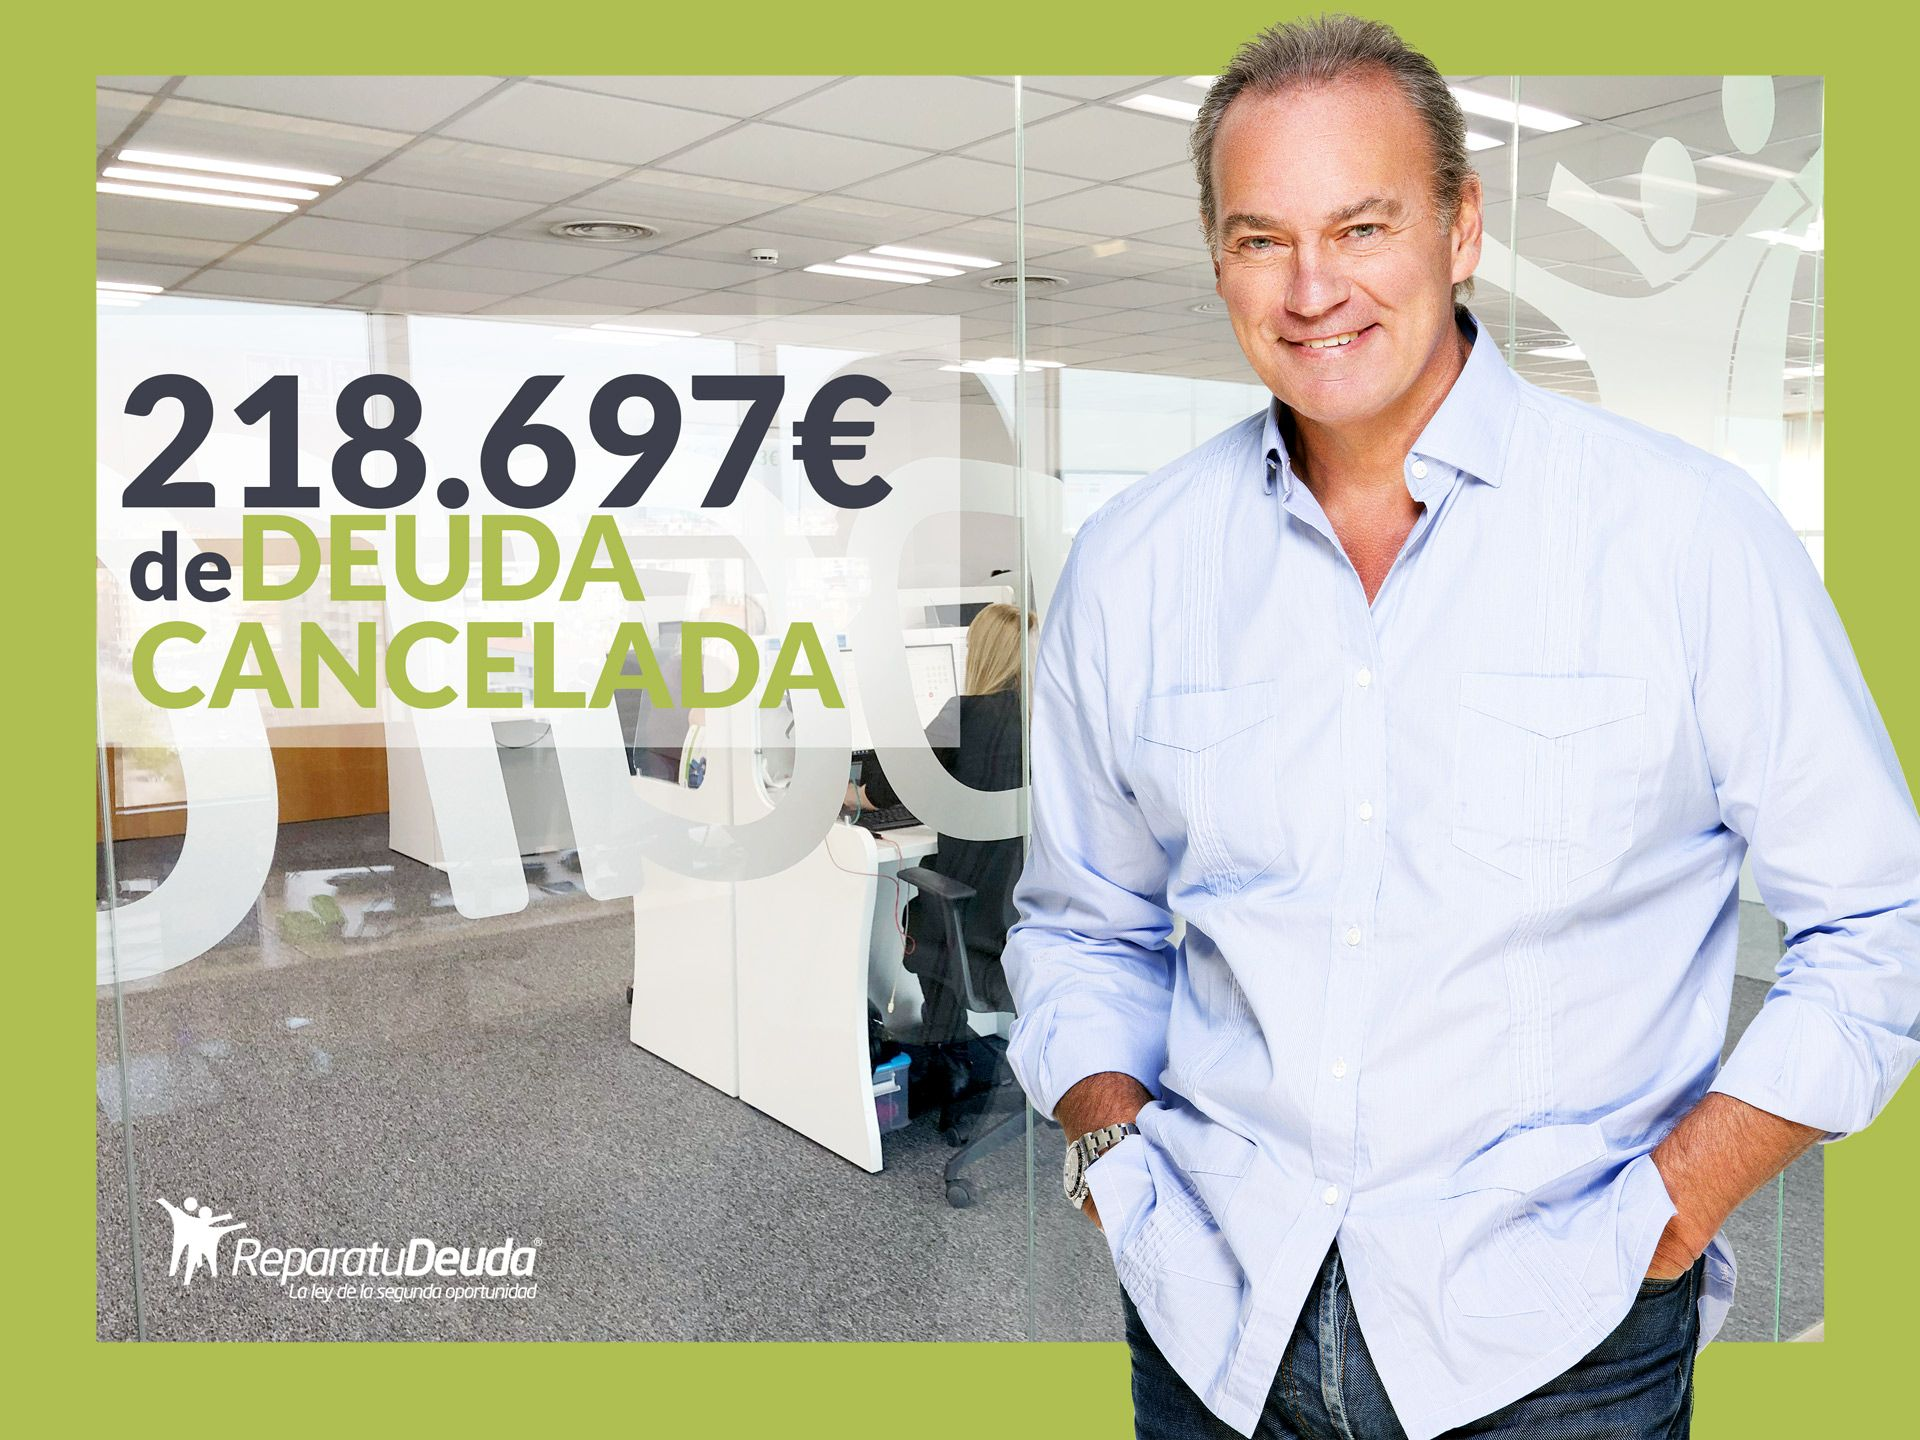 Repara tu Deuda Abogados cancela 218.697 ? en Barcelona con la Ley de Segunda Oportunidad